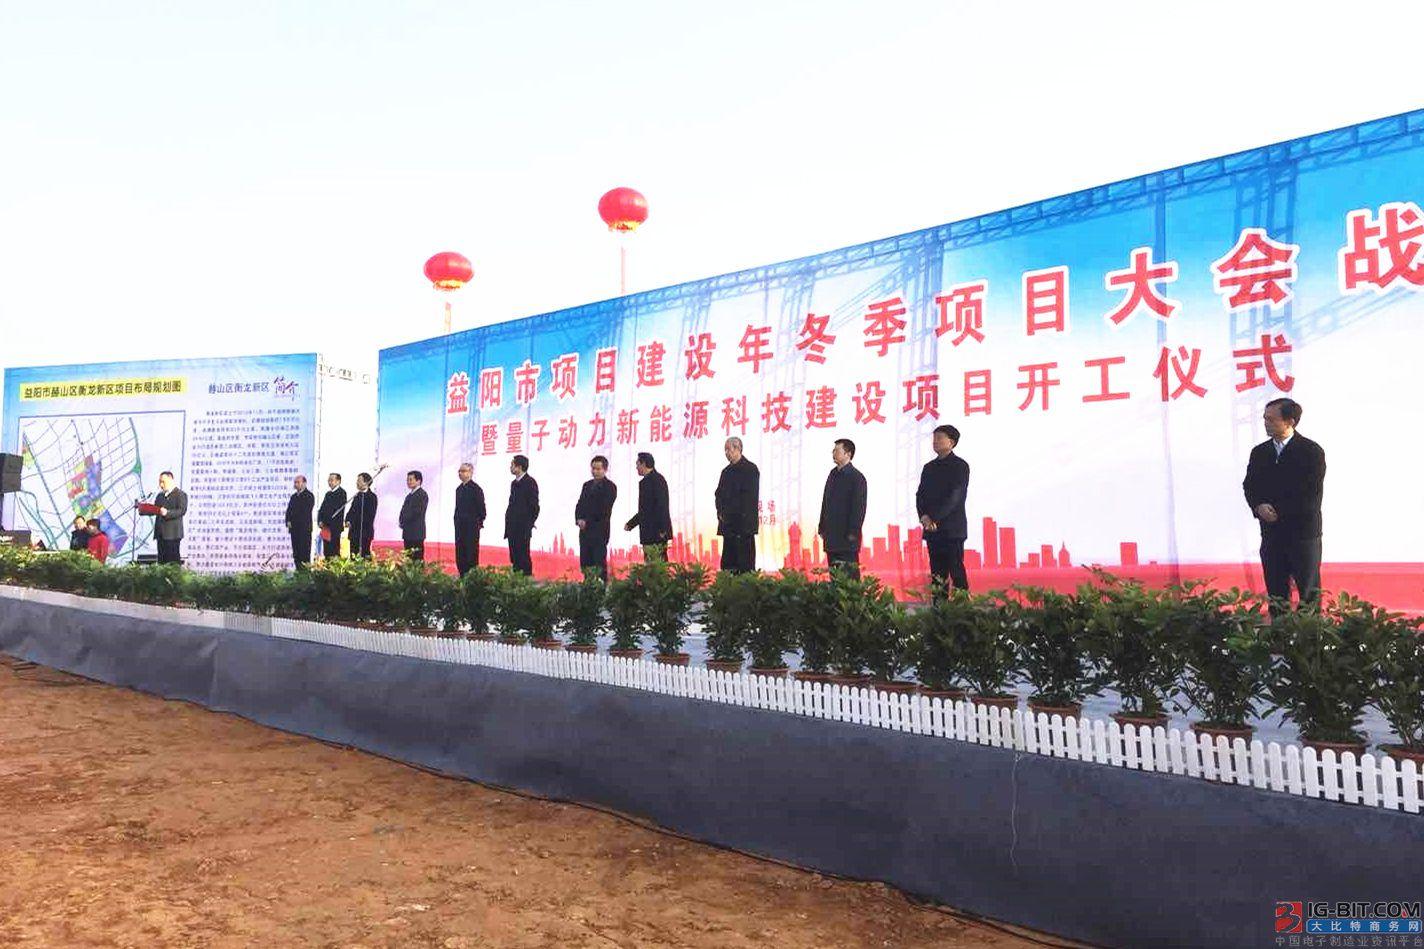 中南首个新能源汽车产业聚集区开工 预计年产值百亿